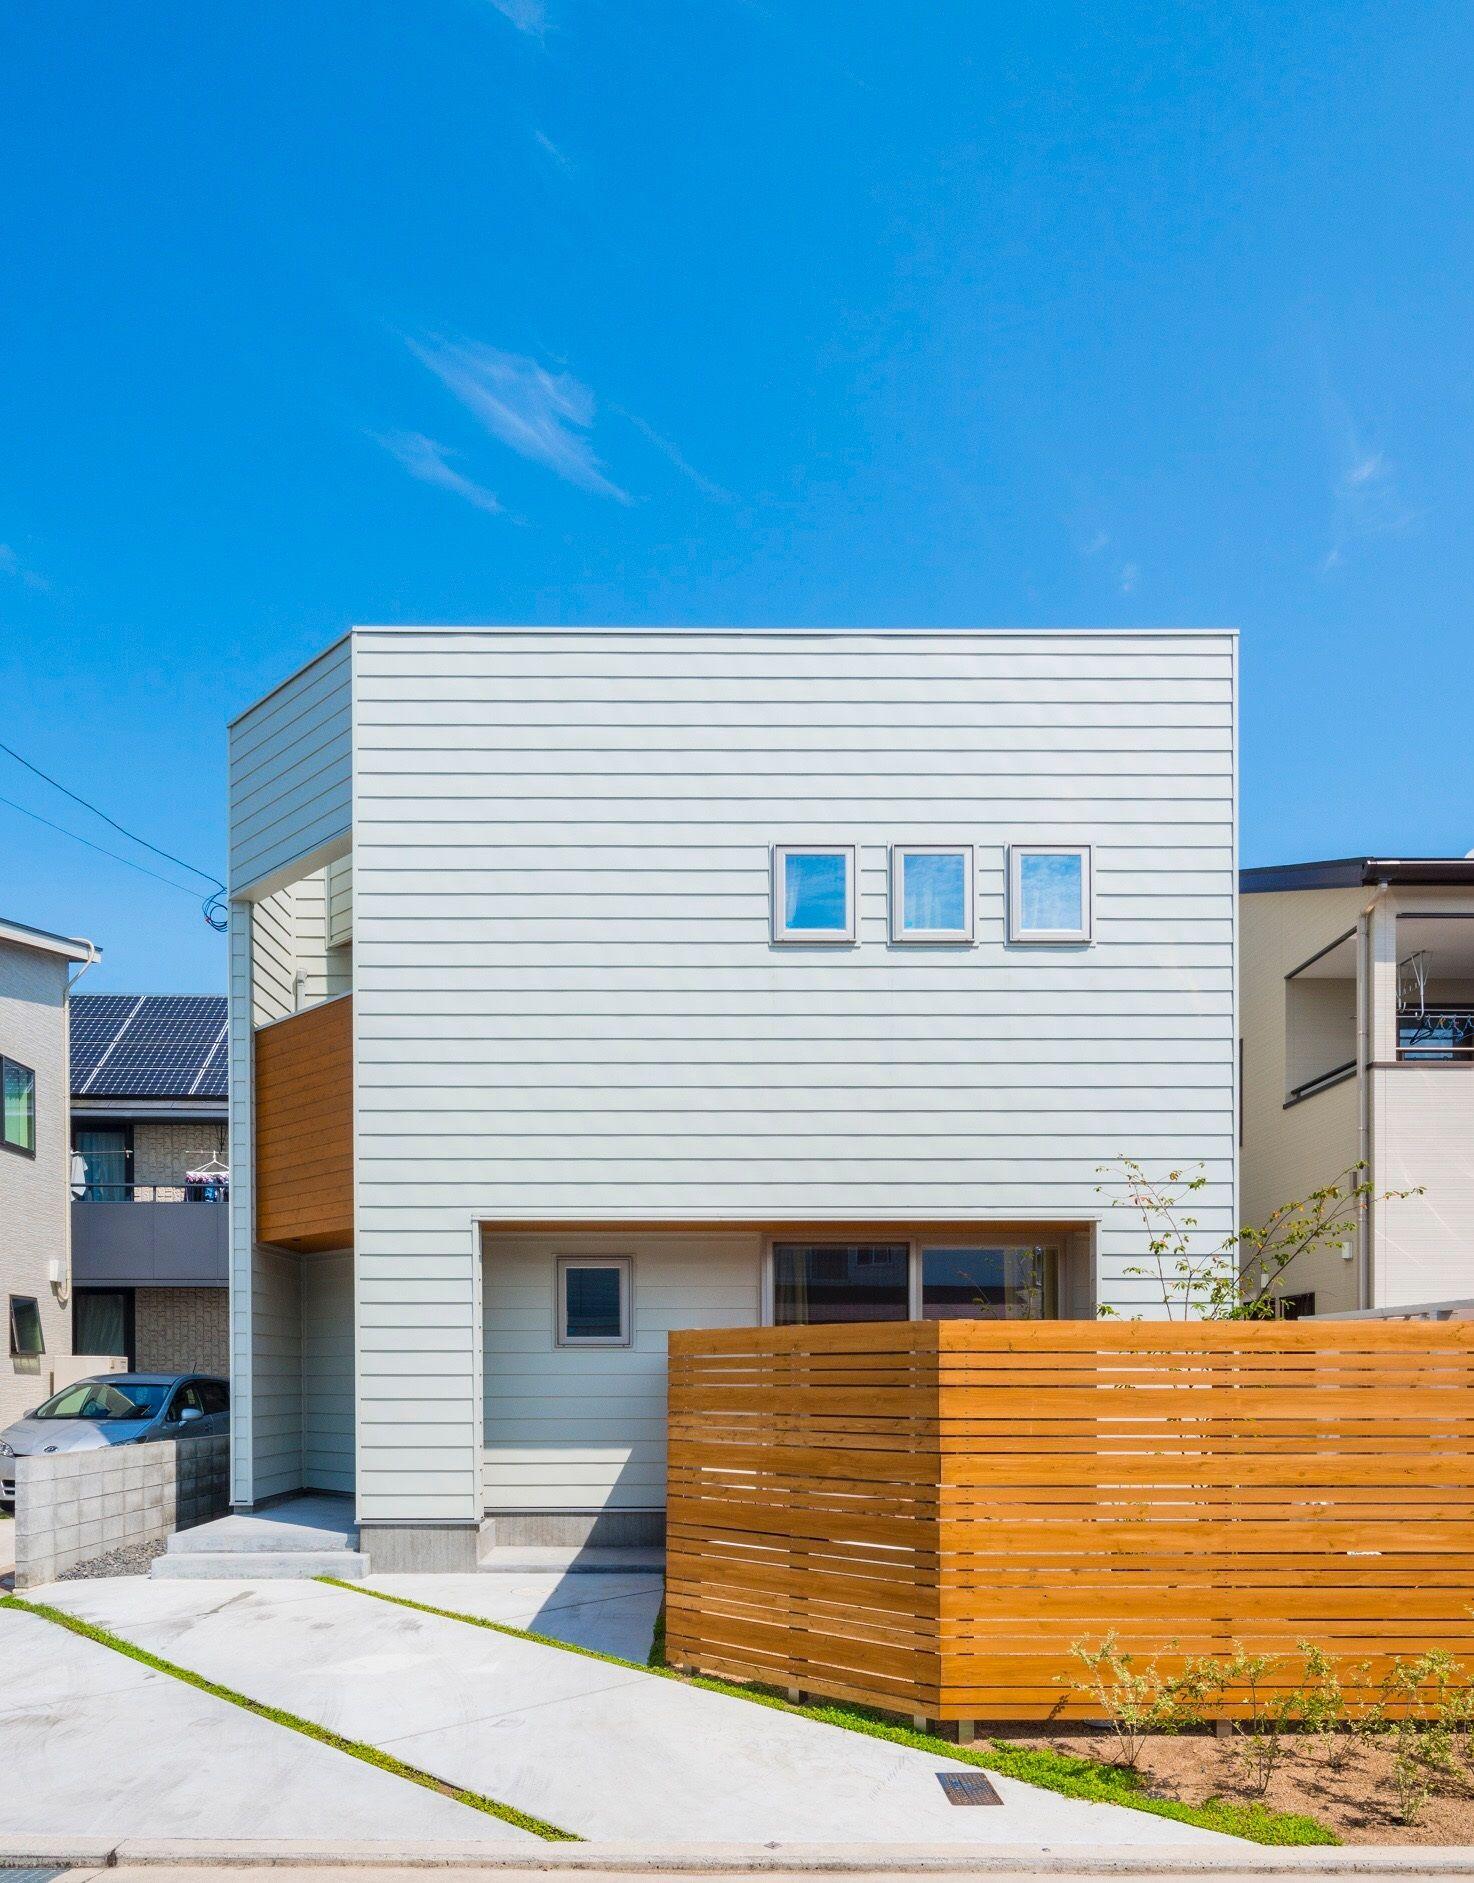 グレーガルバの横張りが映えるシンプルボックスの家 建物の凹凸と窓の